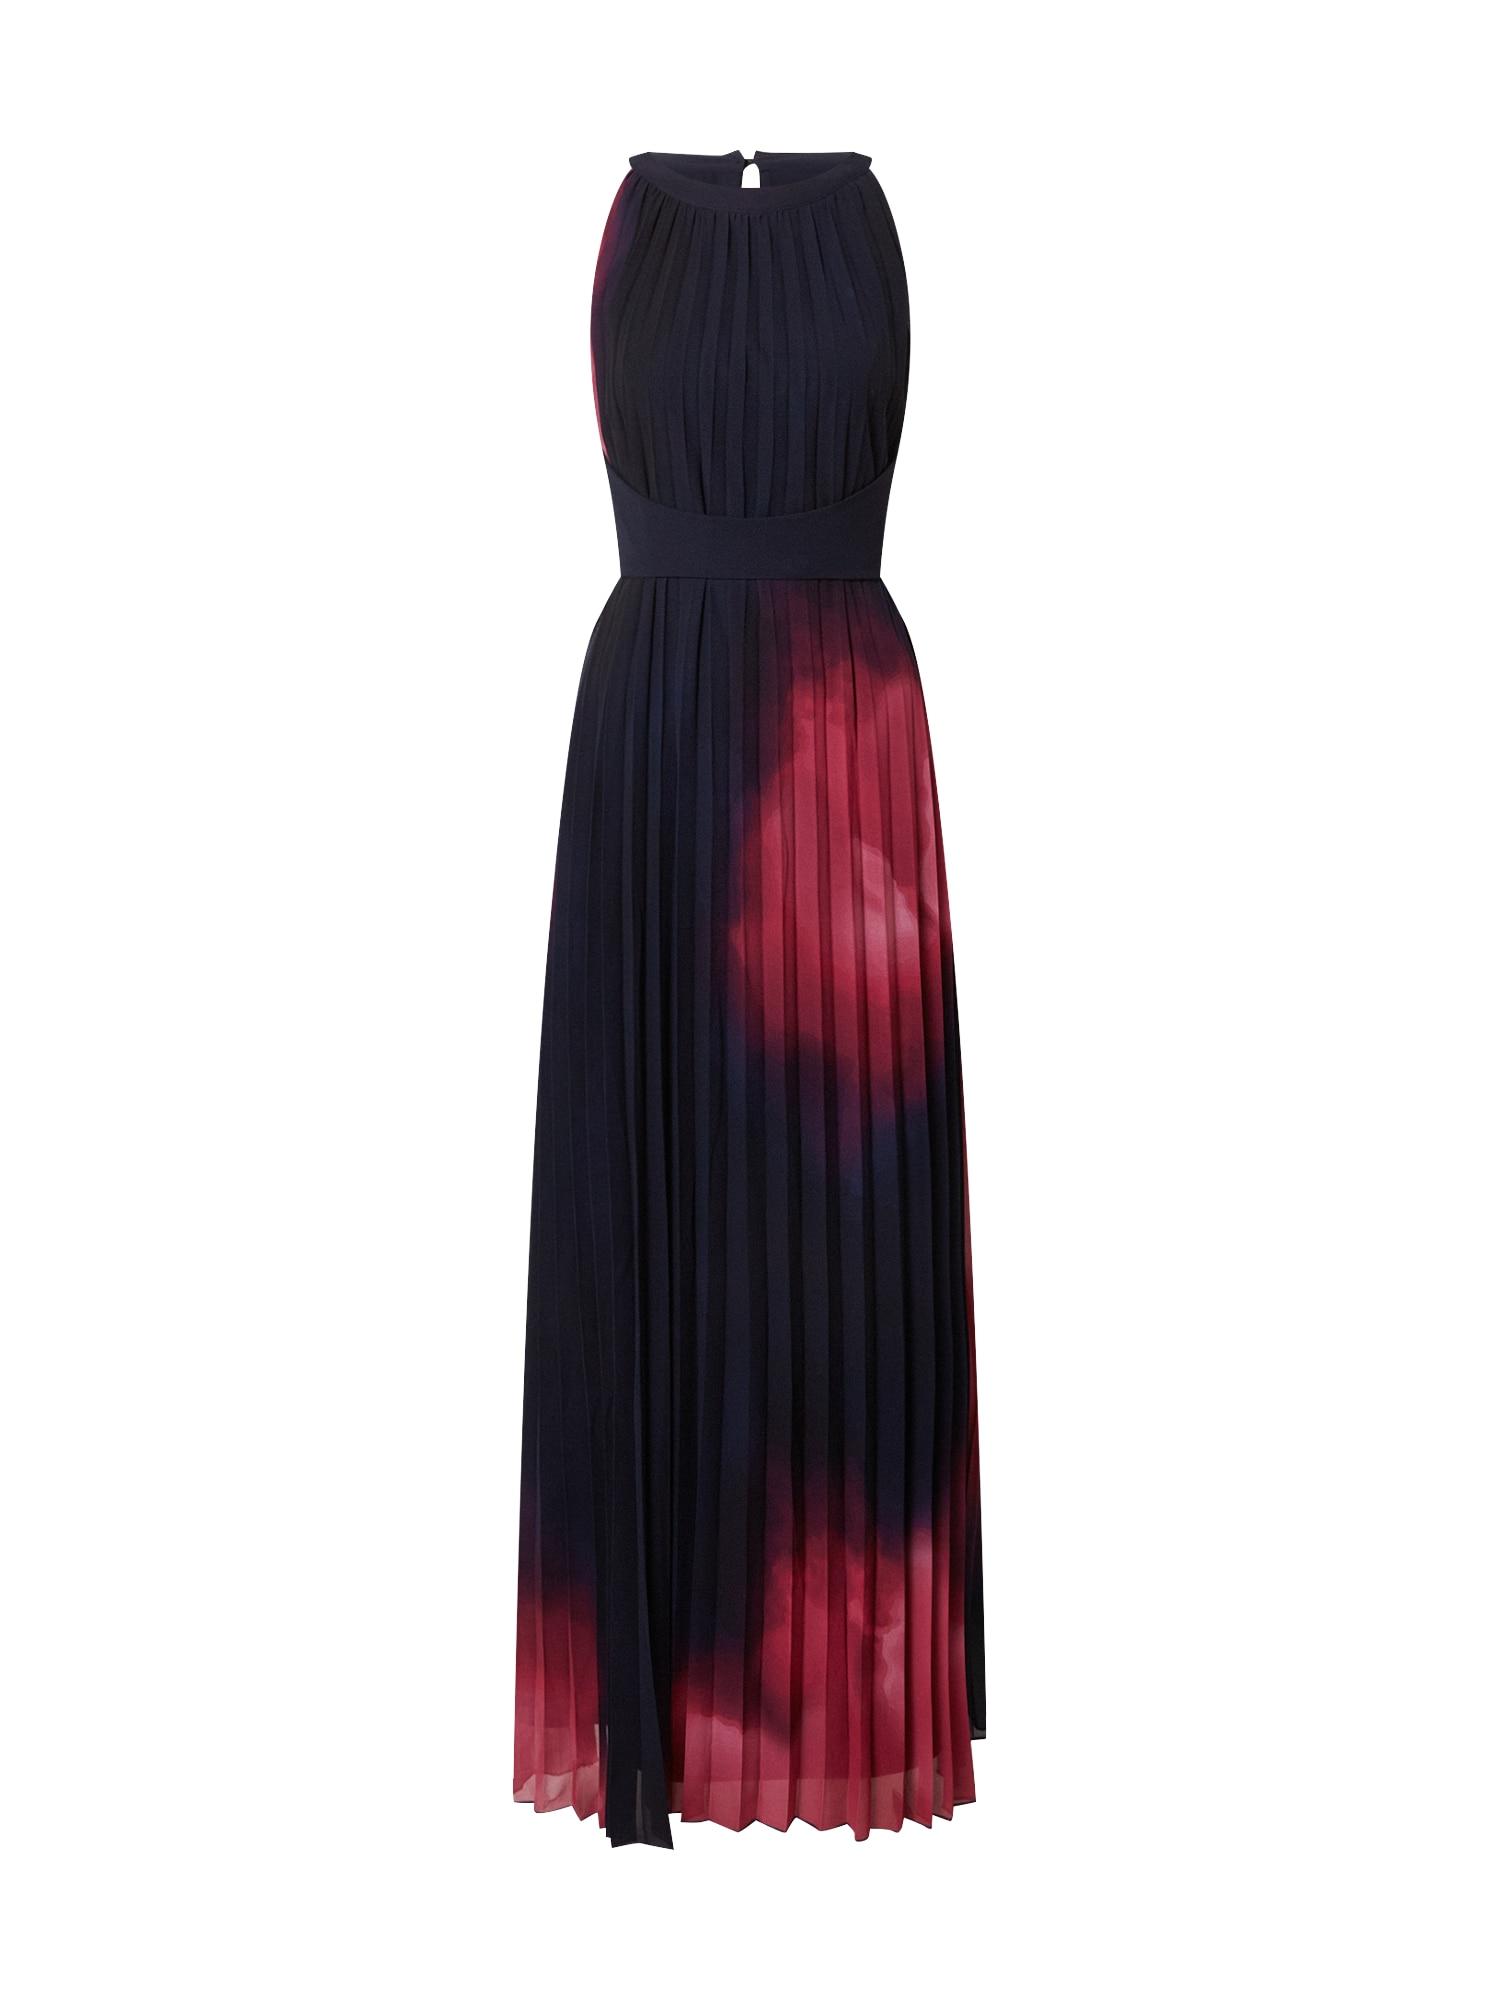 APART Vakarinė suknelė raudona / juoda